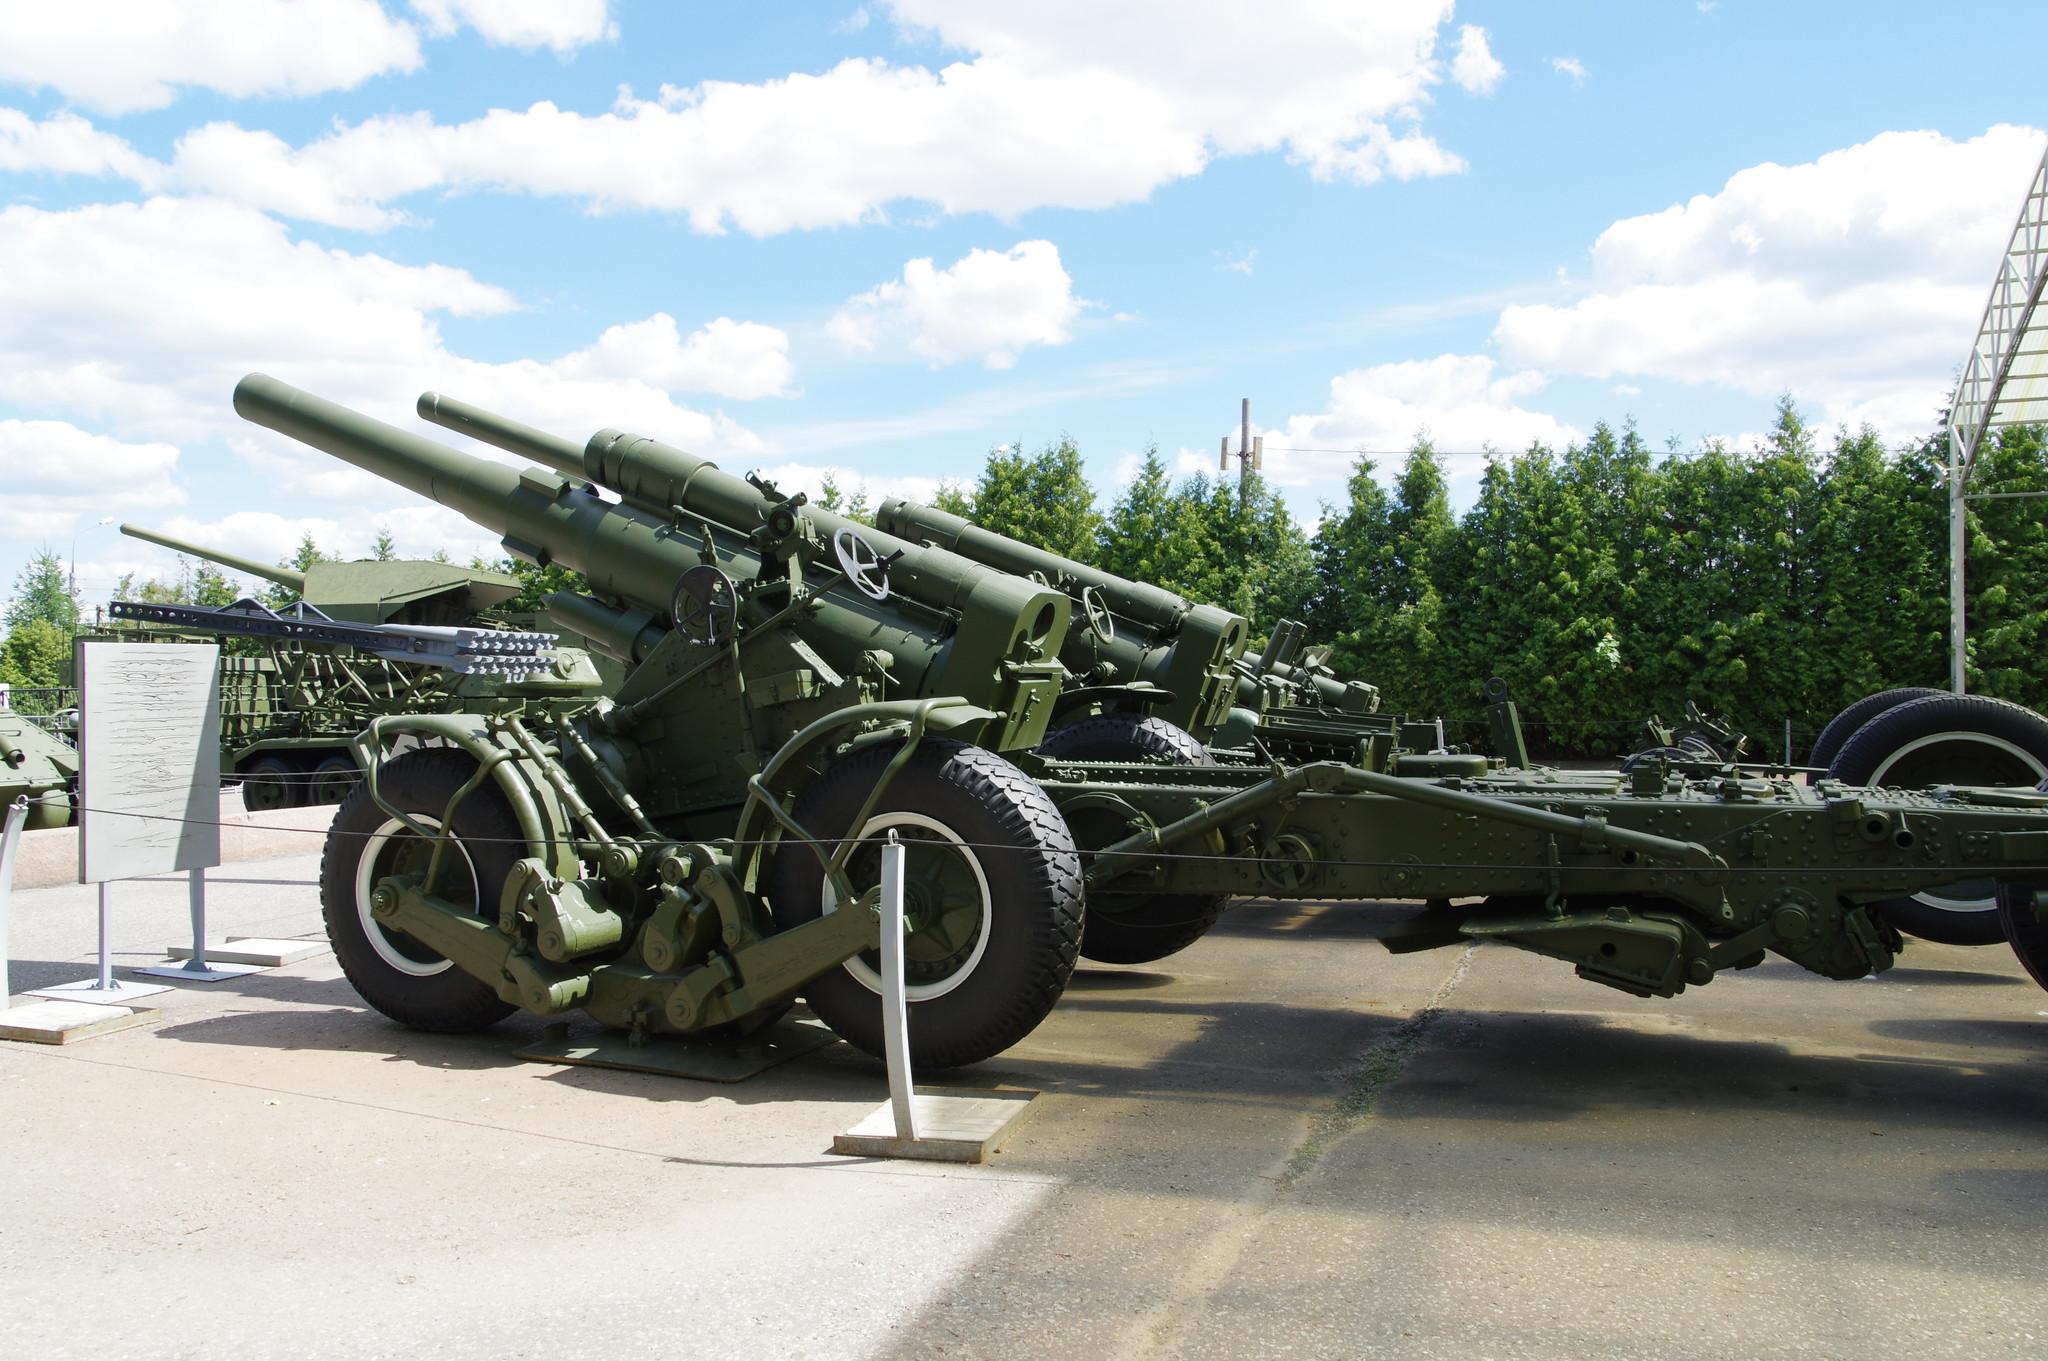 203-мм гаубица большой мощности Б-4М образца 1931 года. Центральный музей Великой Отечественной войны 1941-1945 гг.